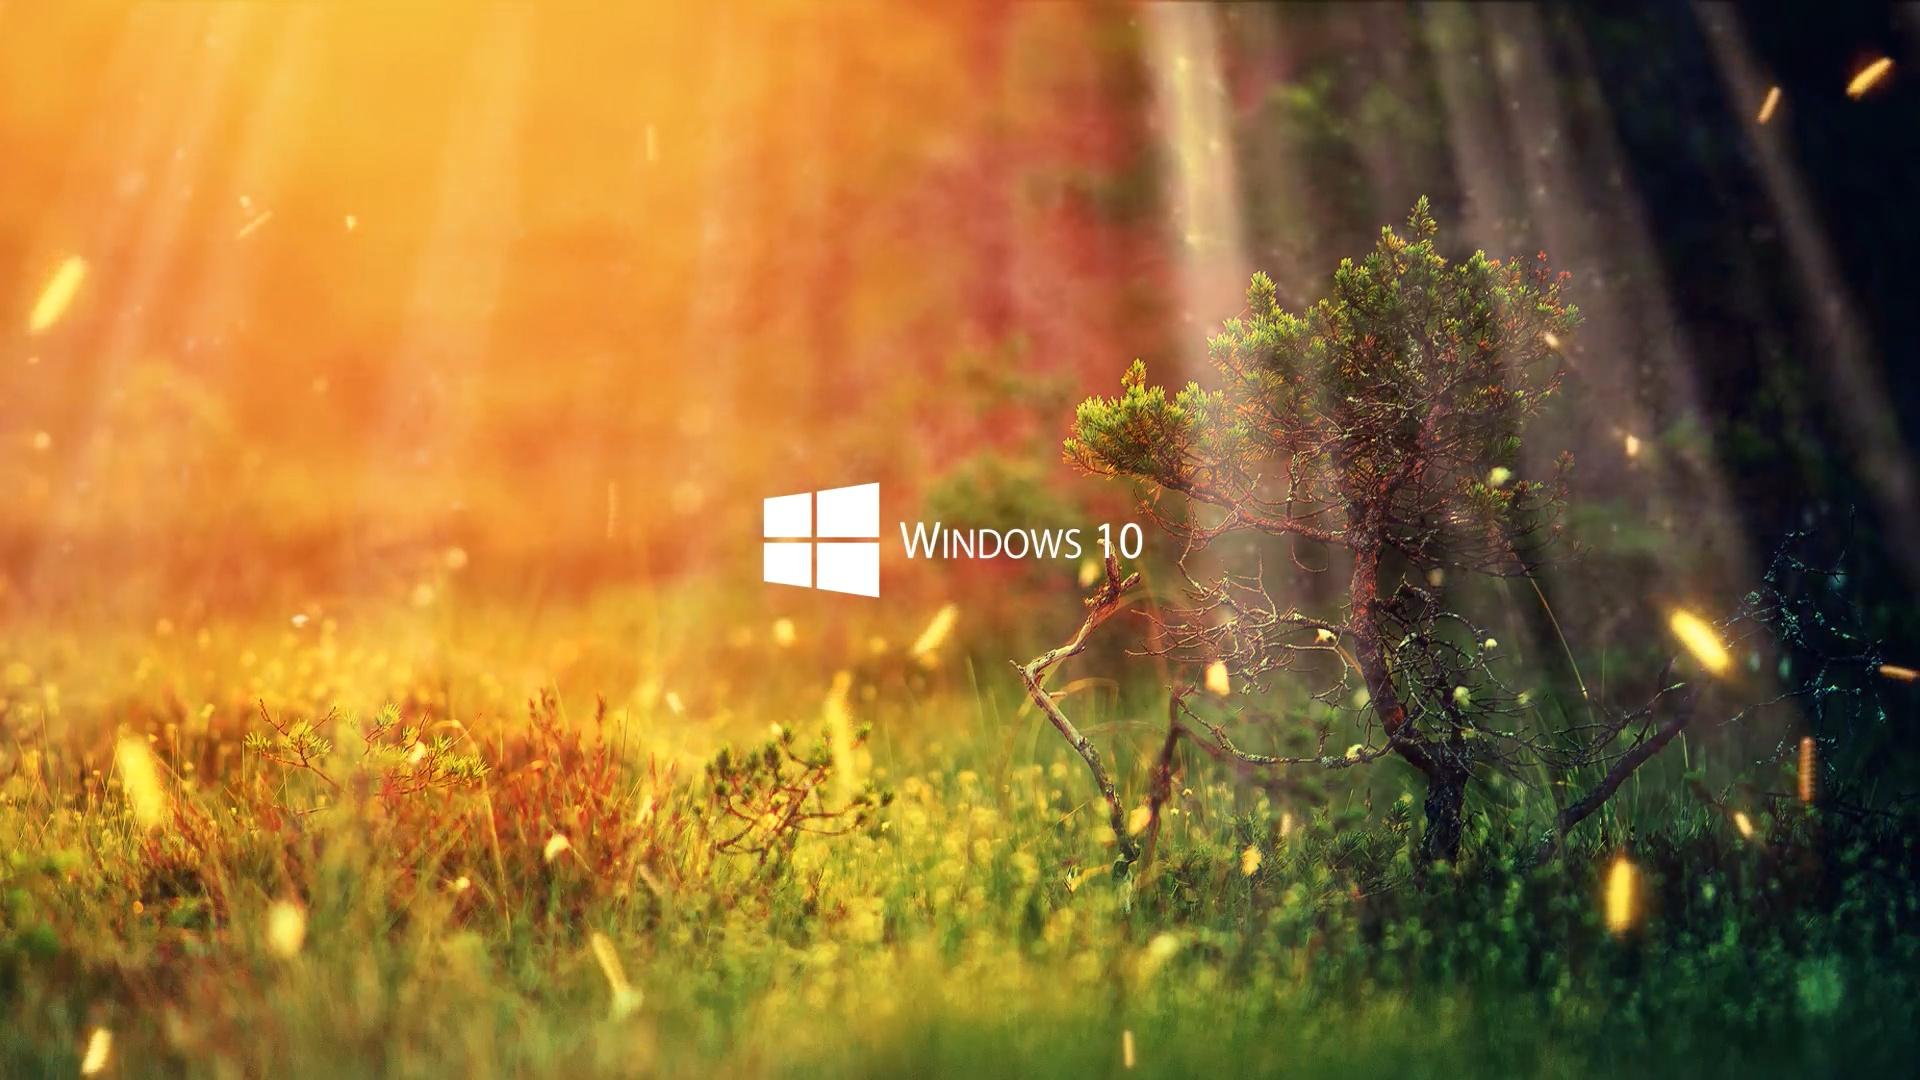 Анимационные Обои Для Рабочего Стола Windows 10